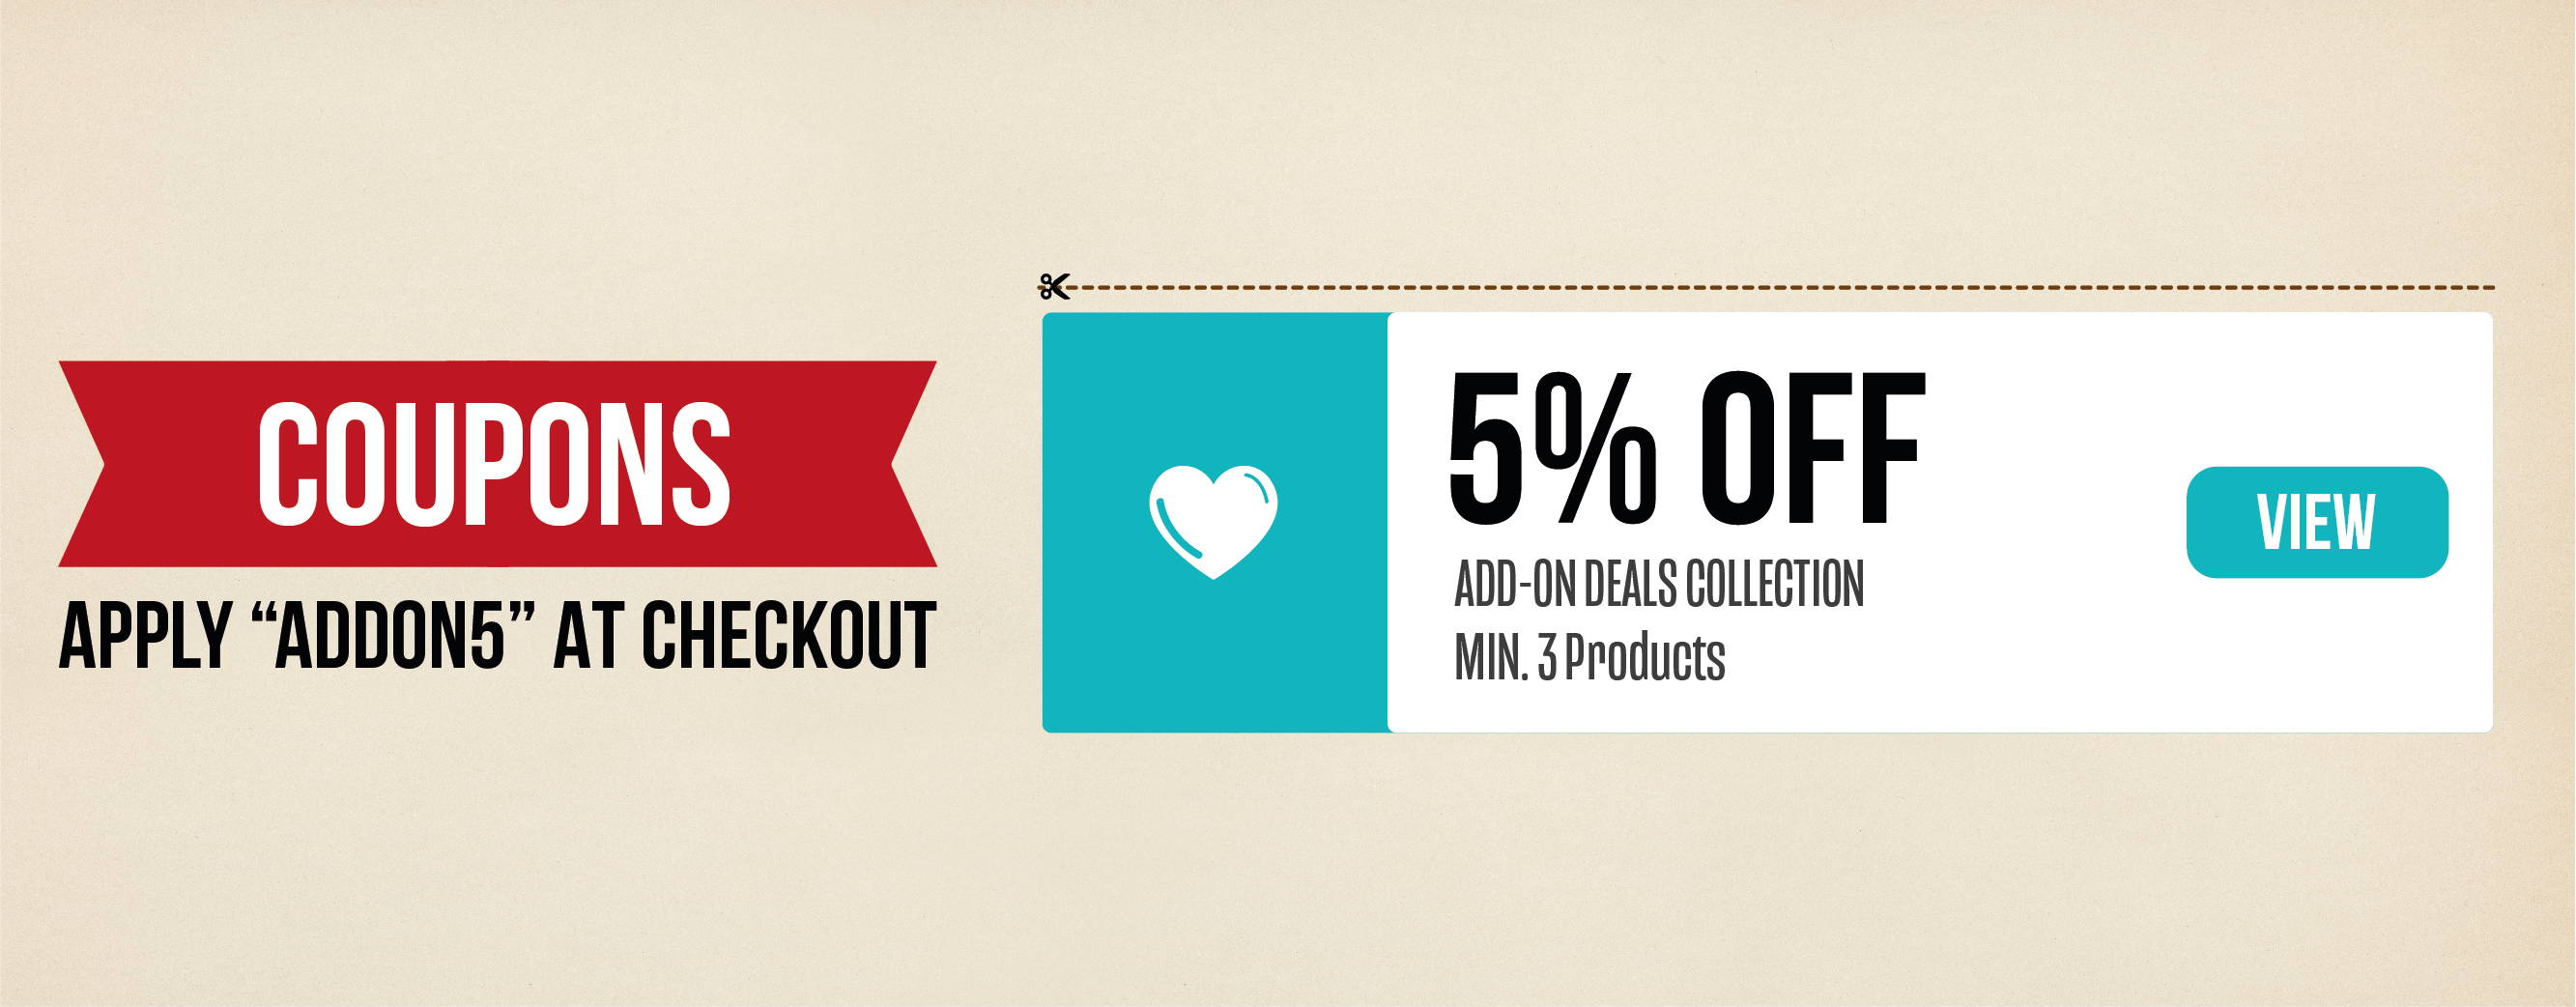 pawpy kisses add-on deals discount coupon online pet shop singapore pawpy kisses.